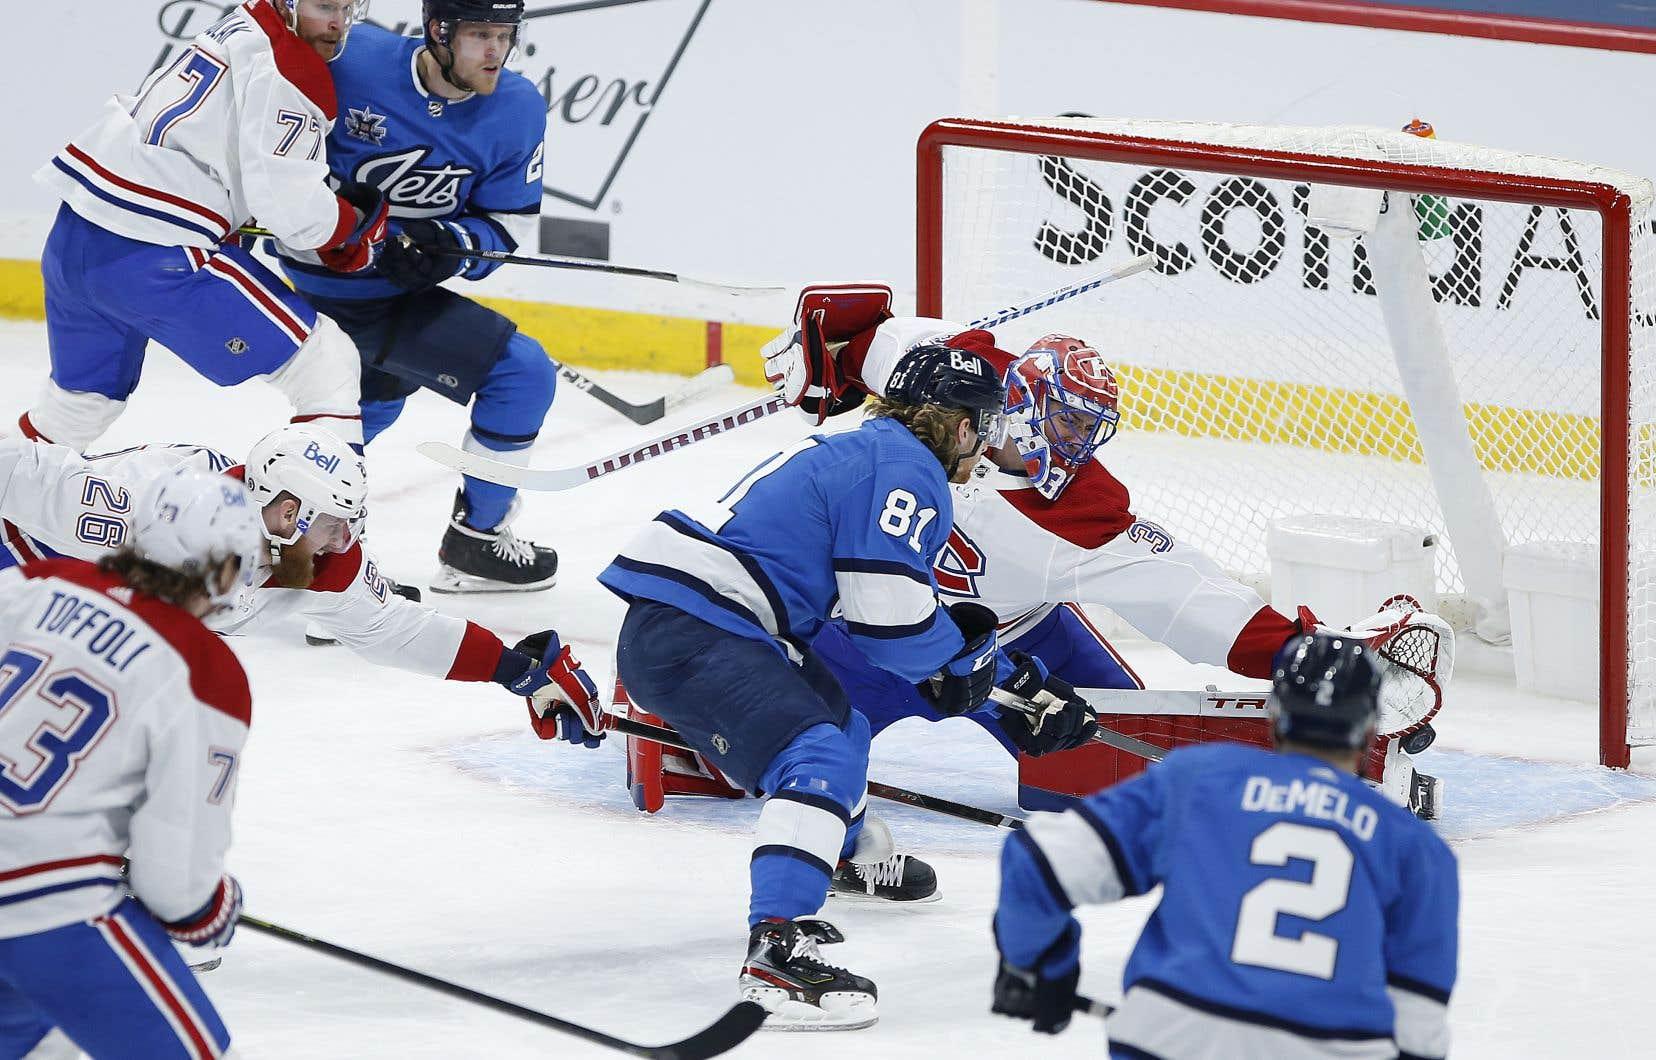 Le Canadien s'est tiré dans le pied en première moitié de rencontre, multipliant les revirements en sortie de zone.